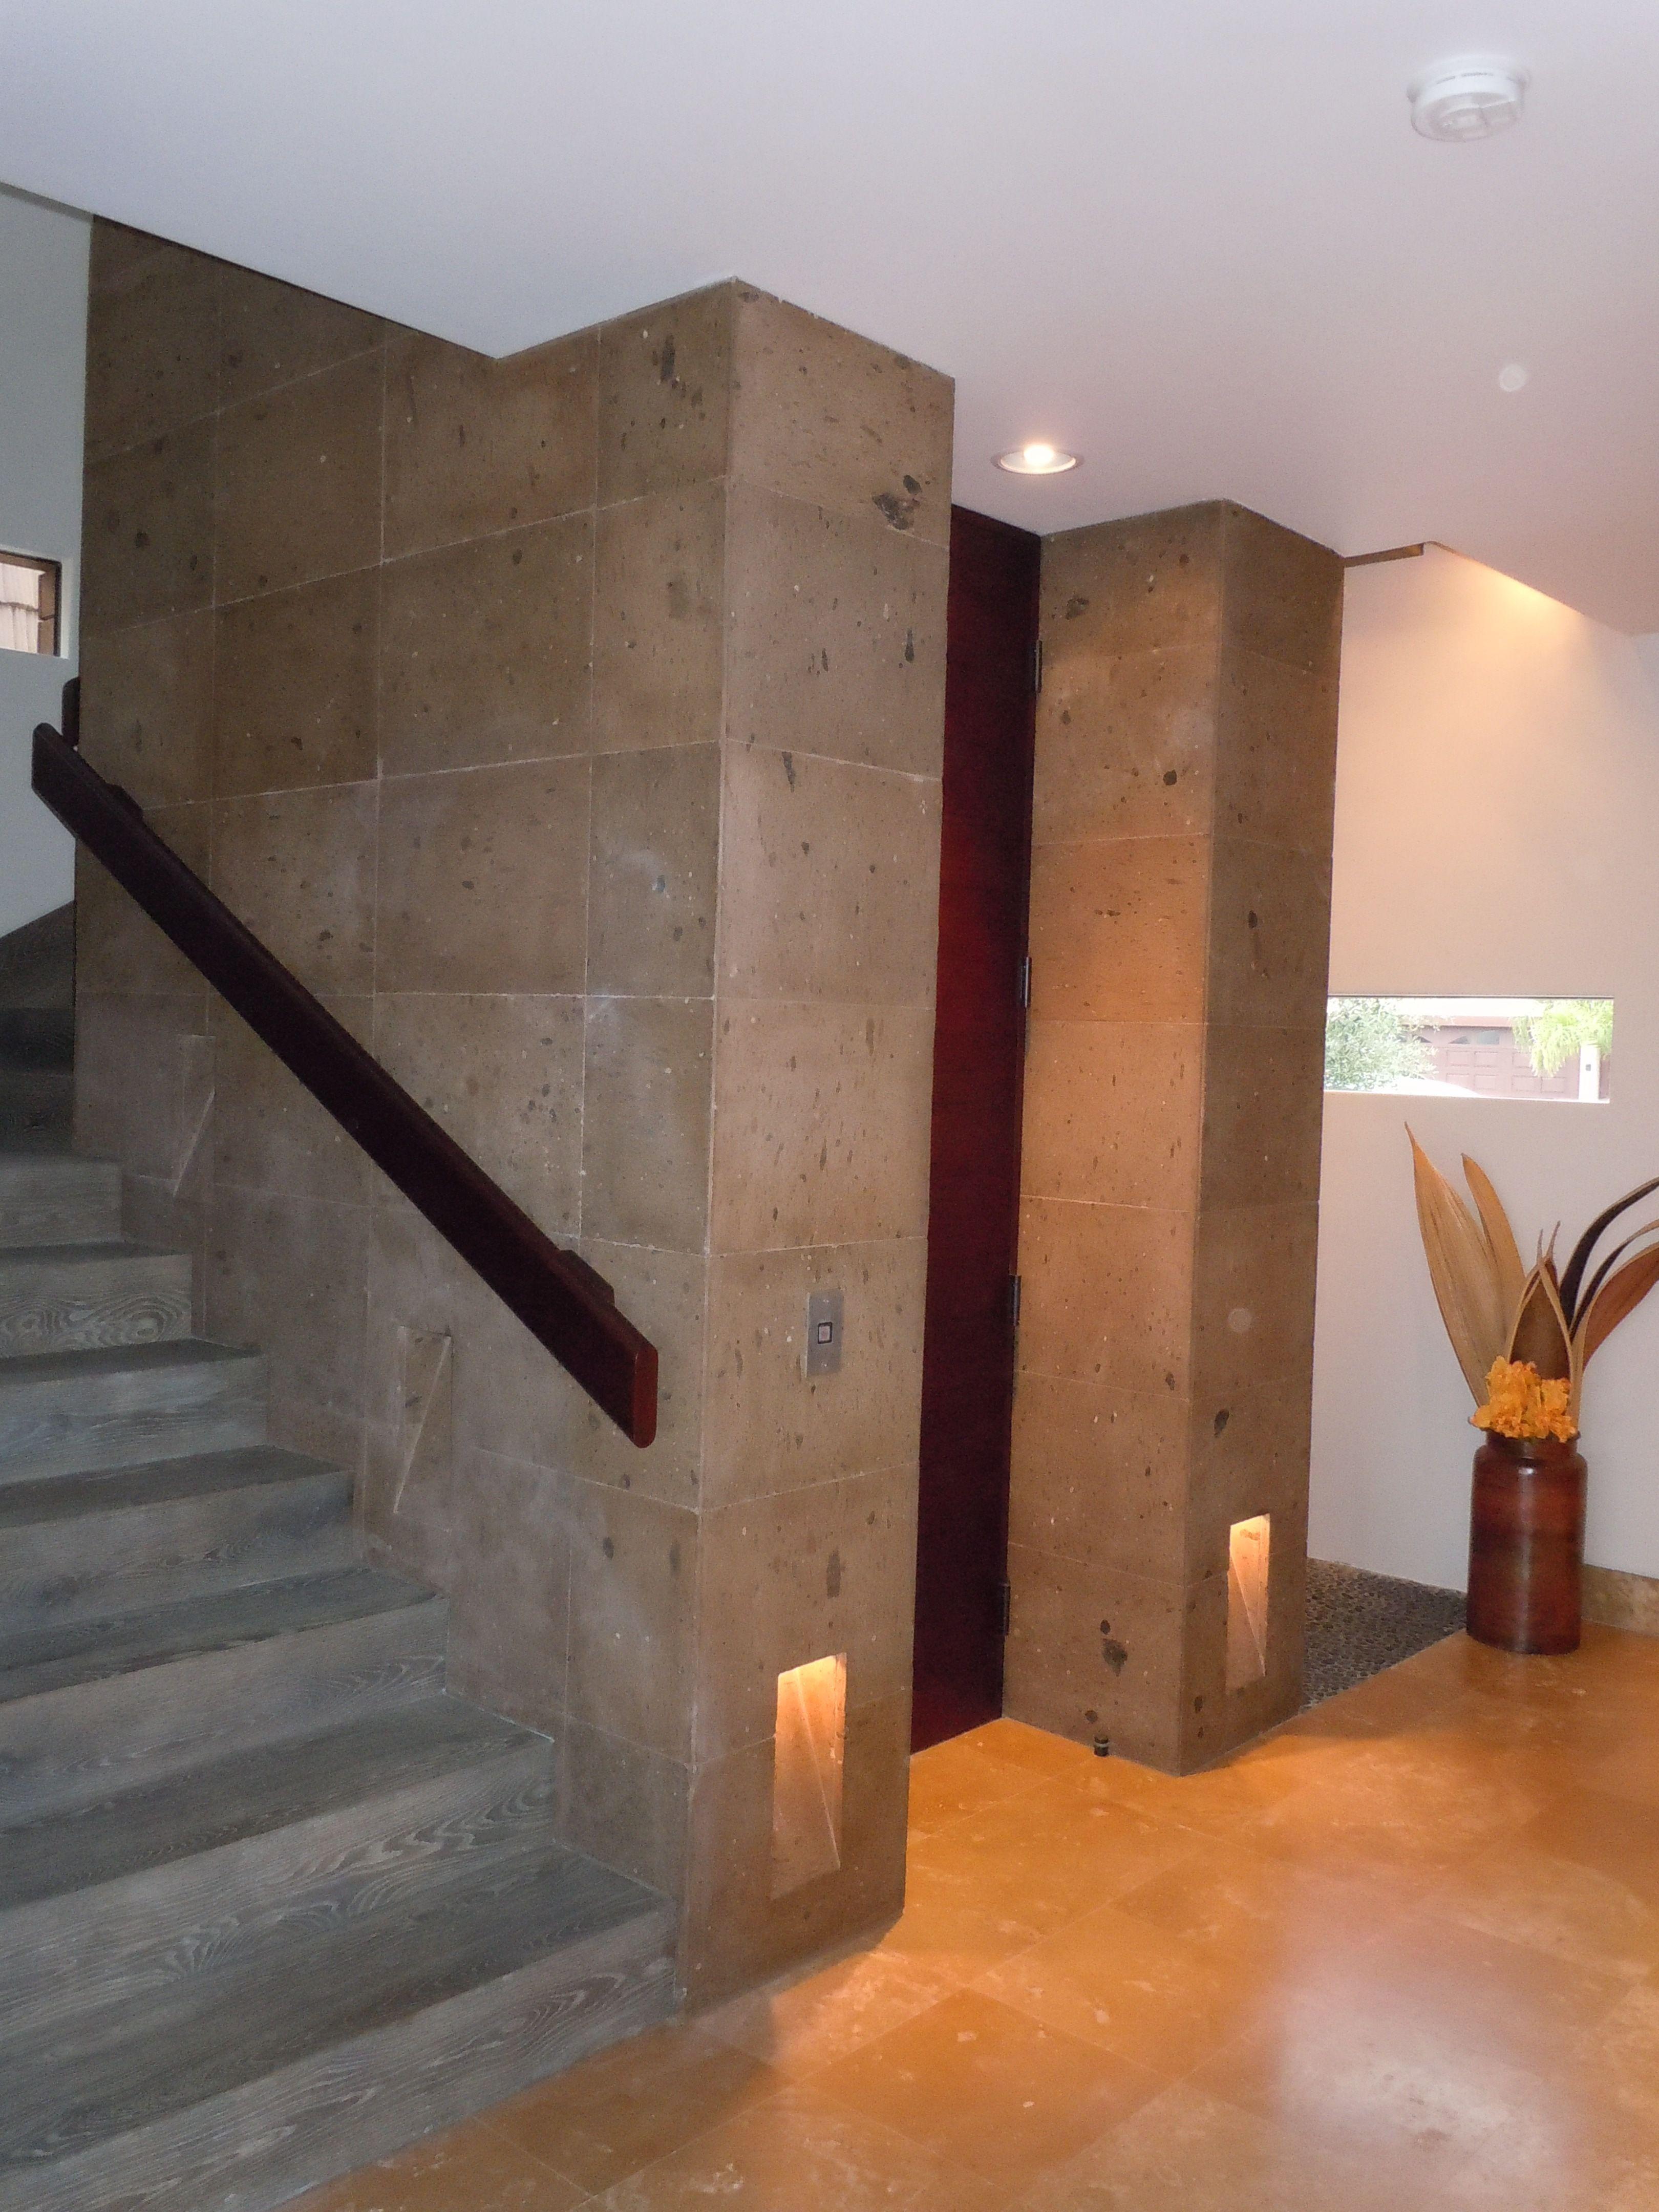 Cantera stone wall muros for Tipos de piedras para paredes interiores